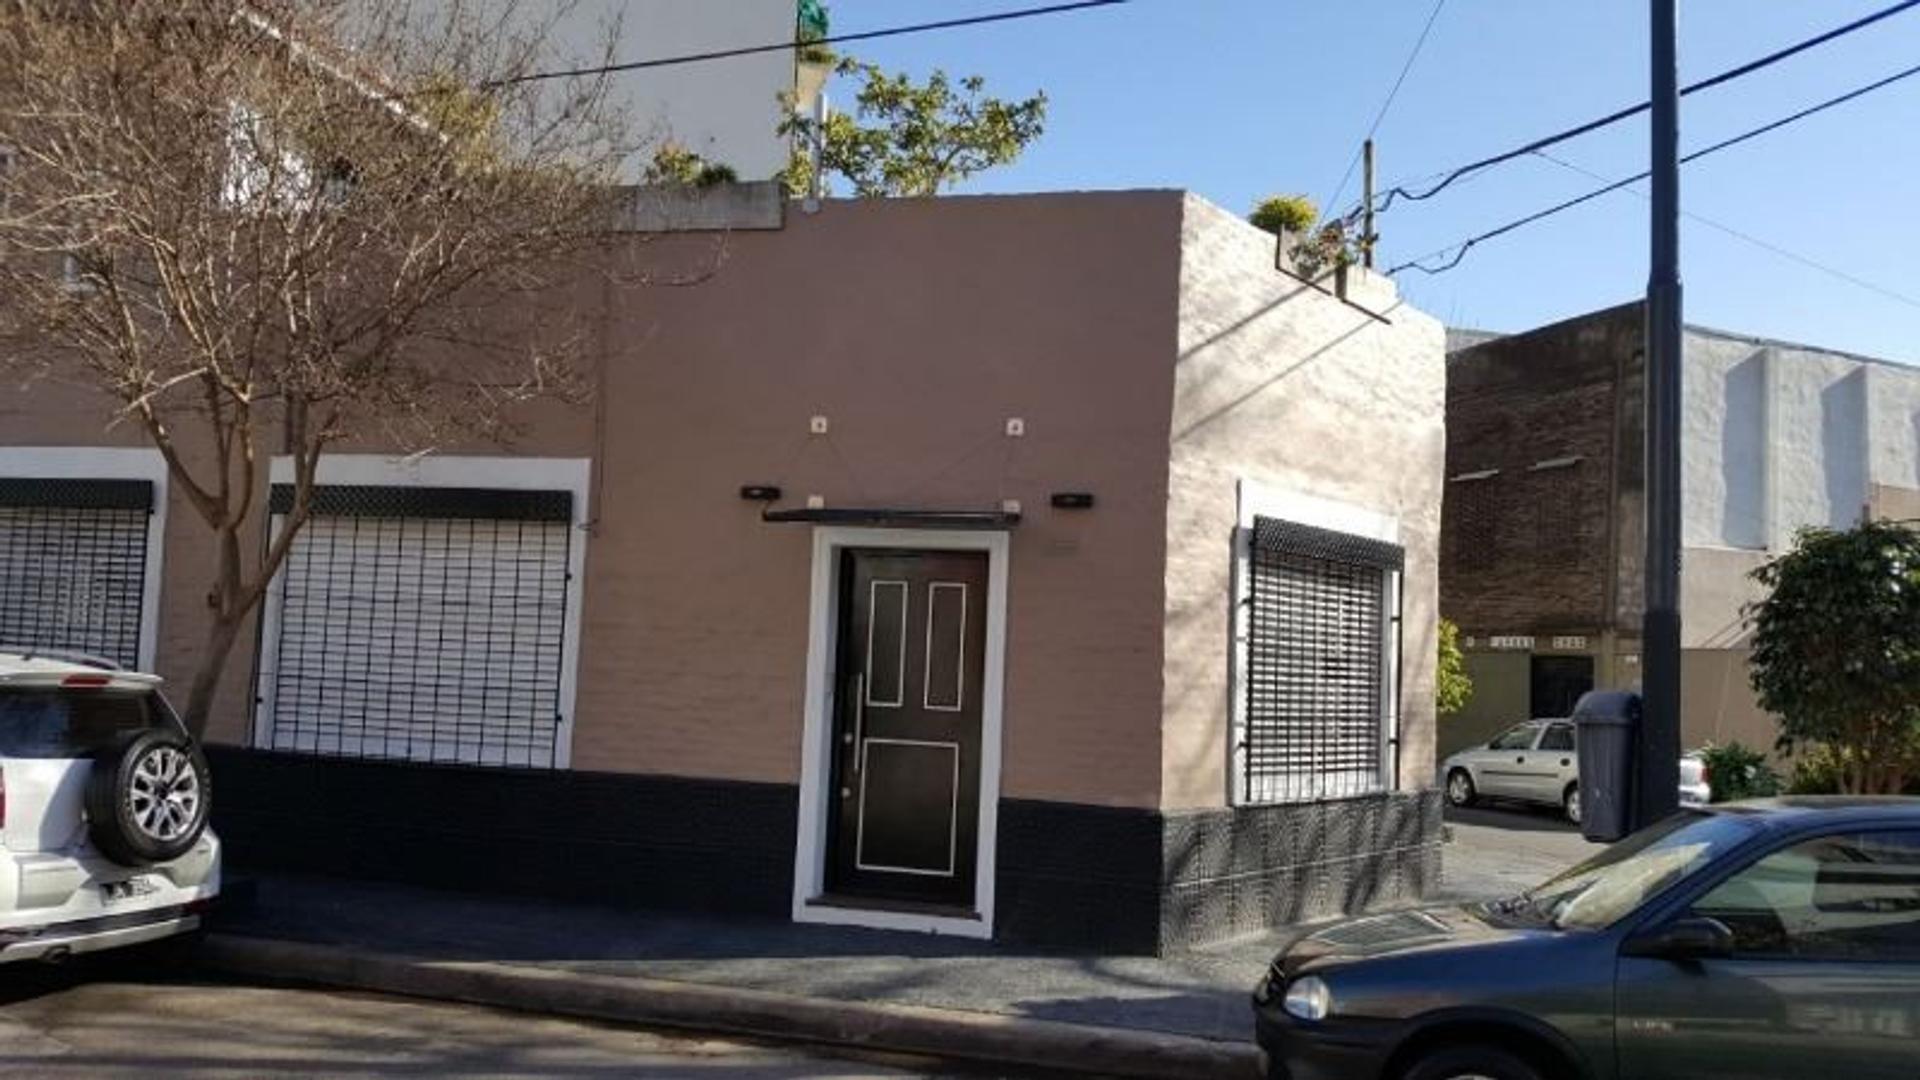 TIPO CASA 4 AMBIENTES ENTRADA INDEPENDIENTE  CON GARAGE Y TERRAZA Y PARRILLA